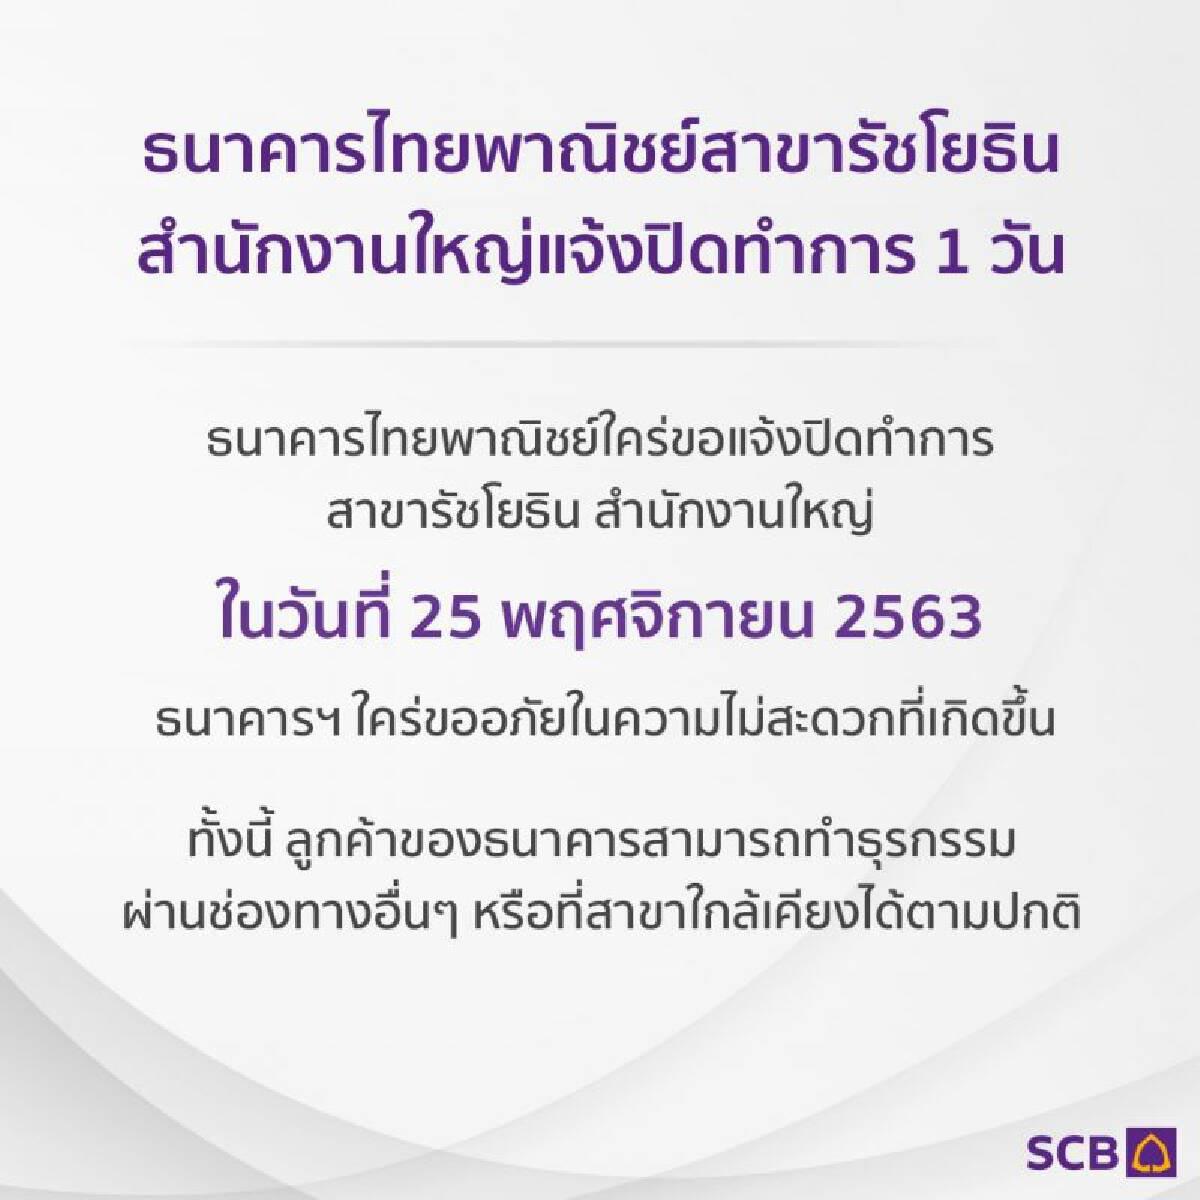 SCB สำนักงานใหญ่ แจ้งปิดทำการ 25 พ.ย.นี้หนึ่งวัน หนีม็อบ